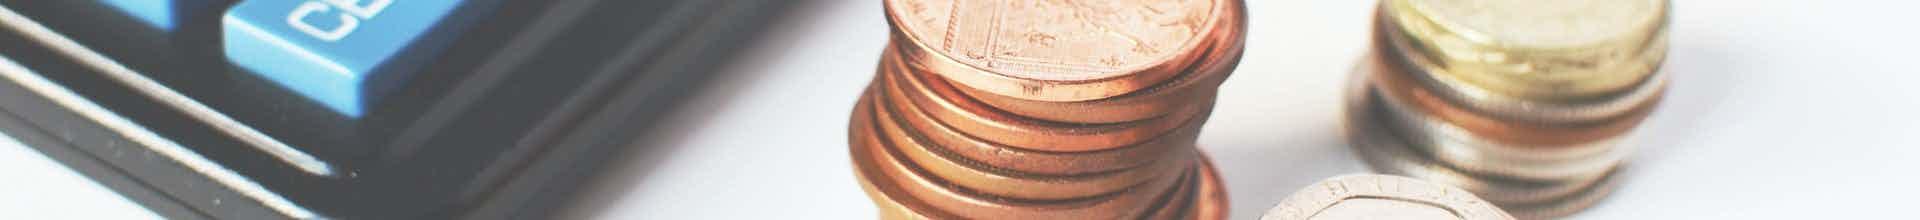 betalingsregeling treffen